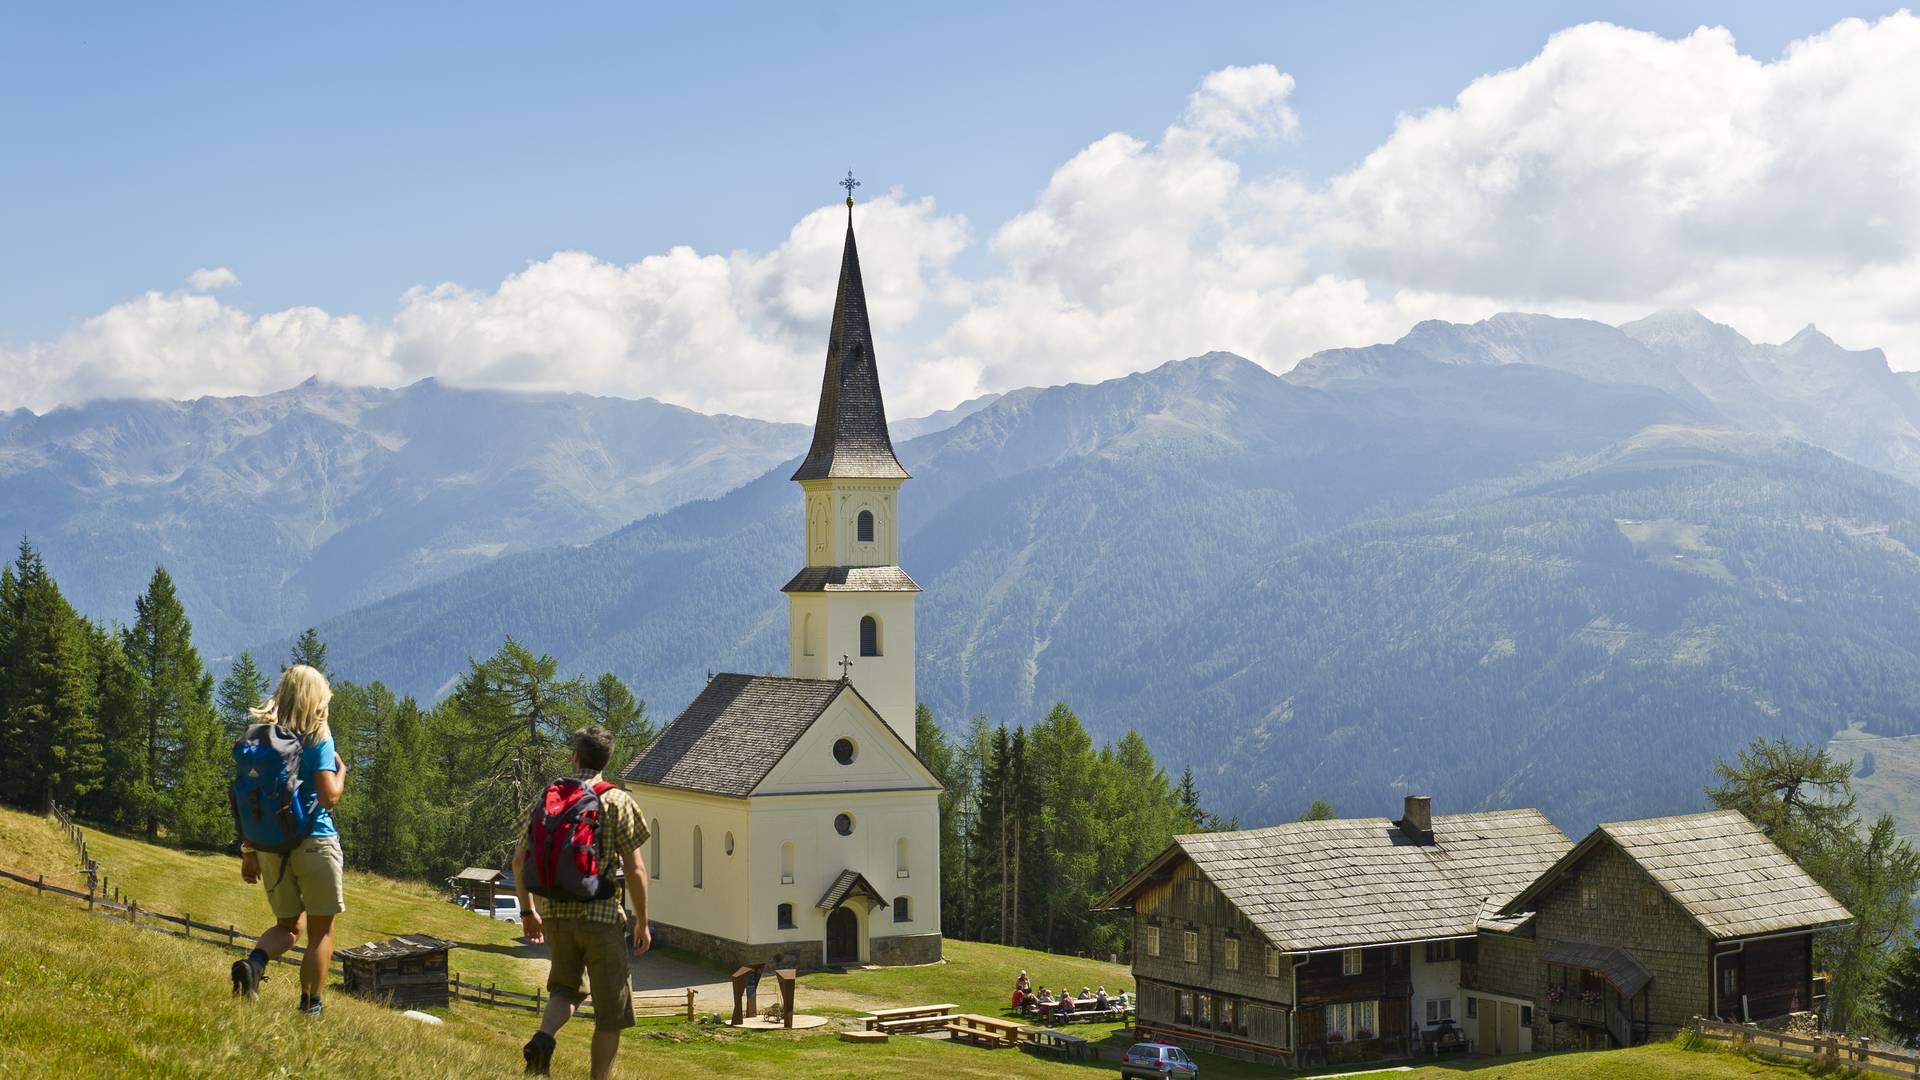 Wallfahrtskirche Marterle, höchstgelegene Wallfahrtskirche Österreichs auf 1.861 m Seehöhe